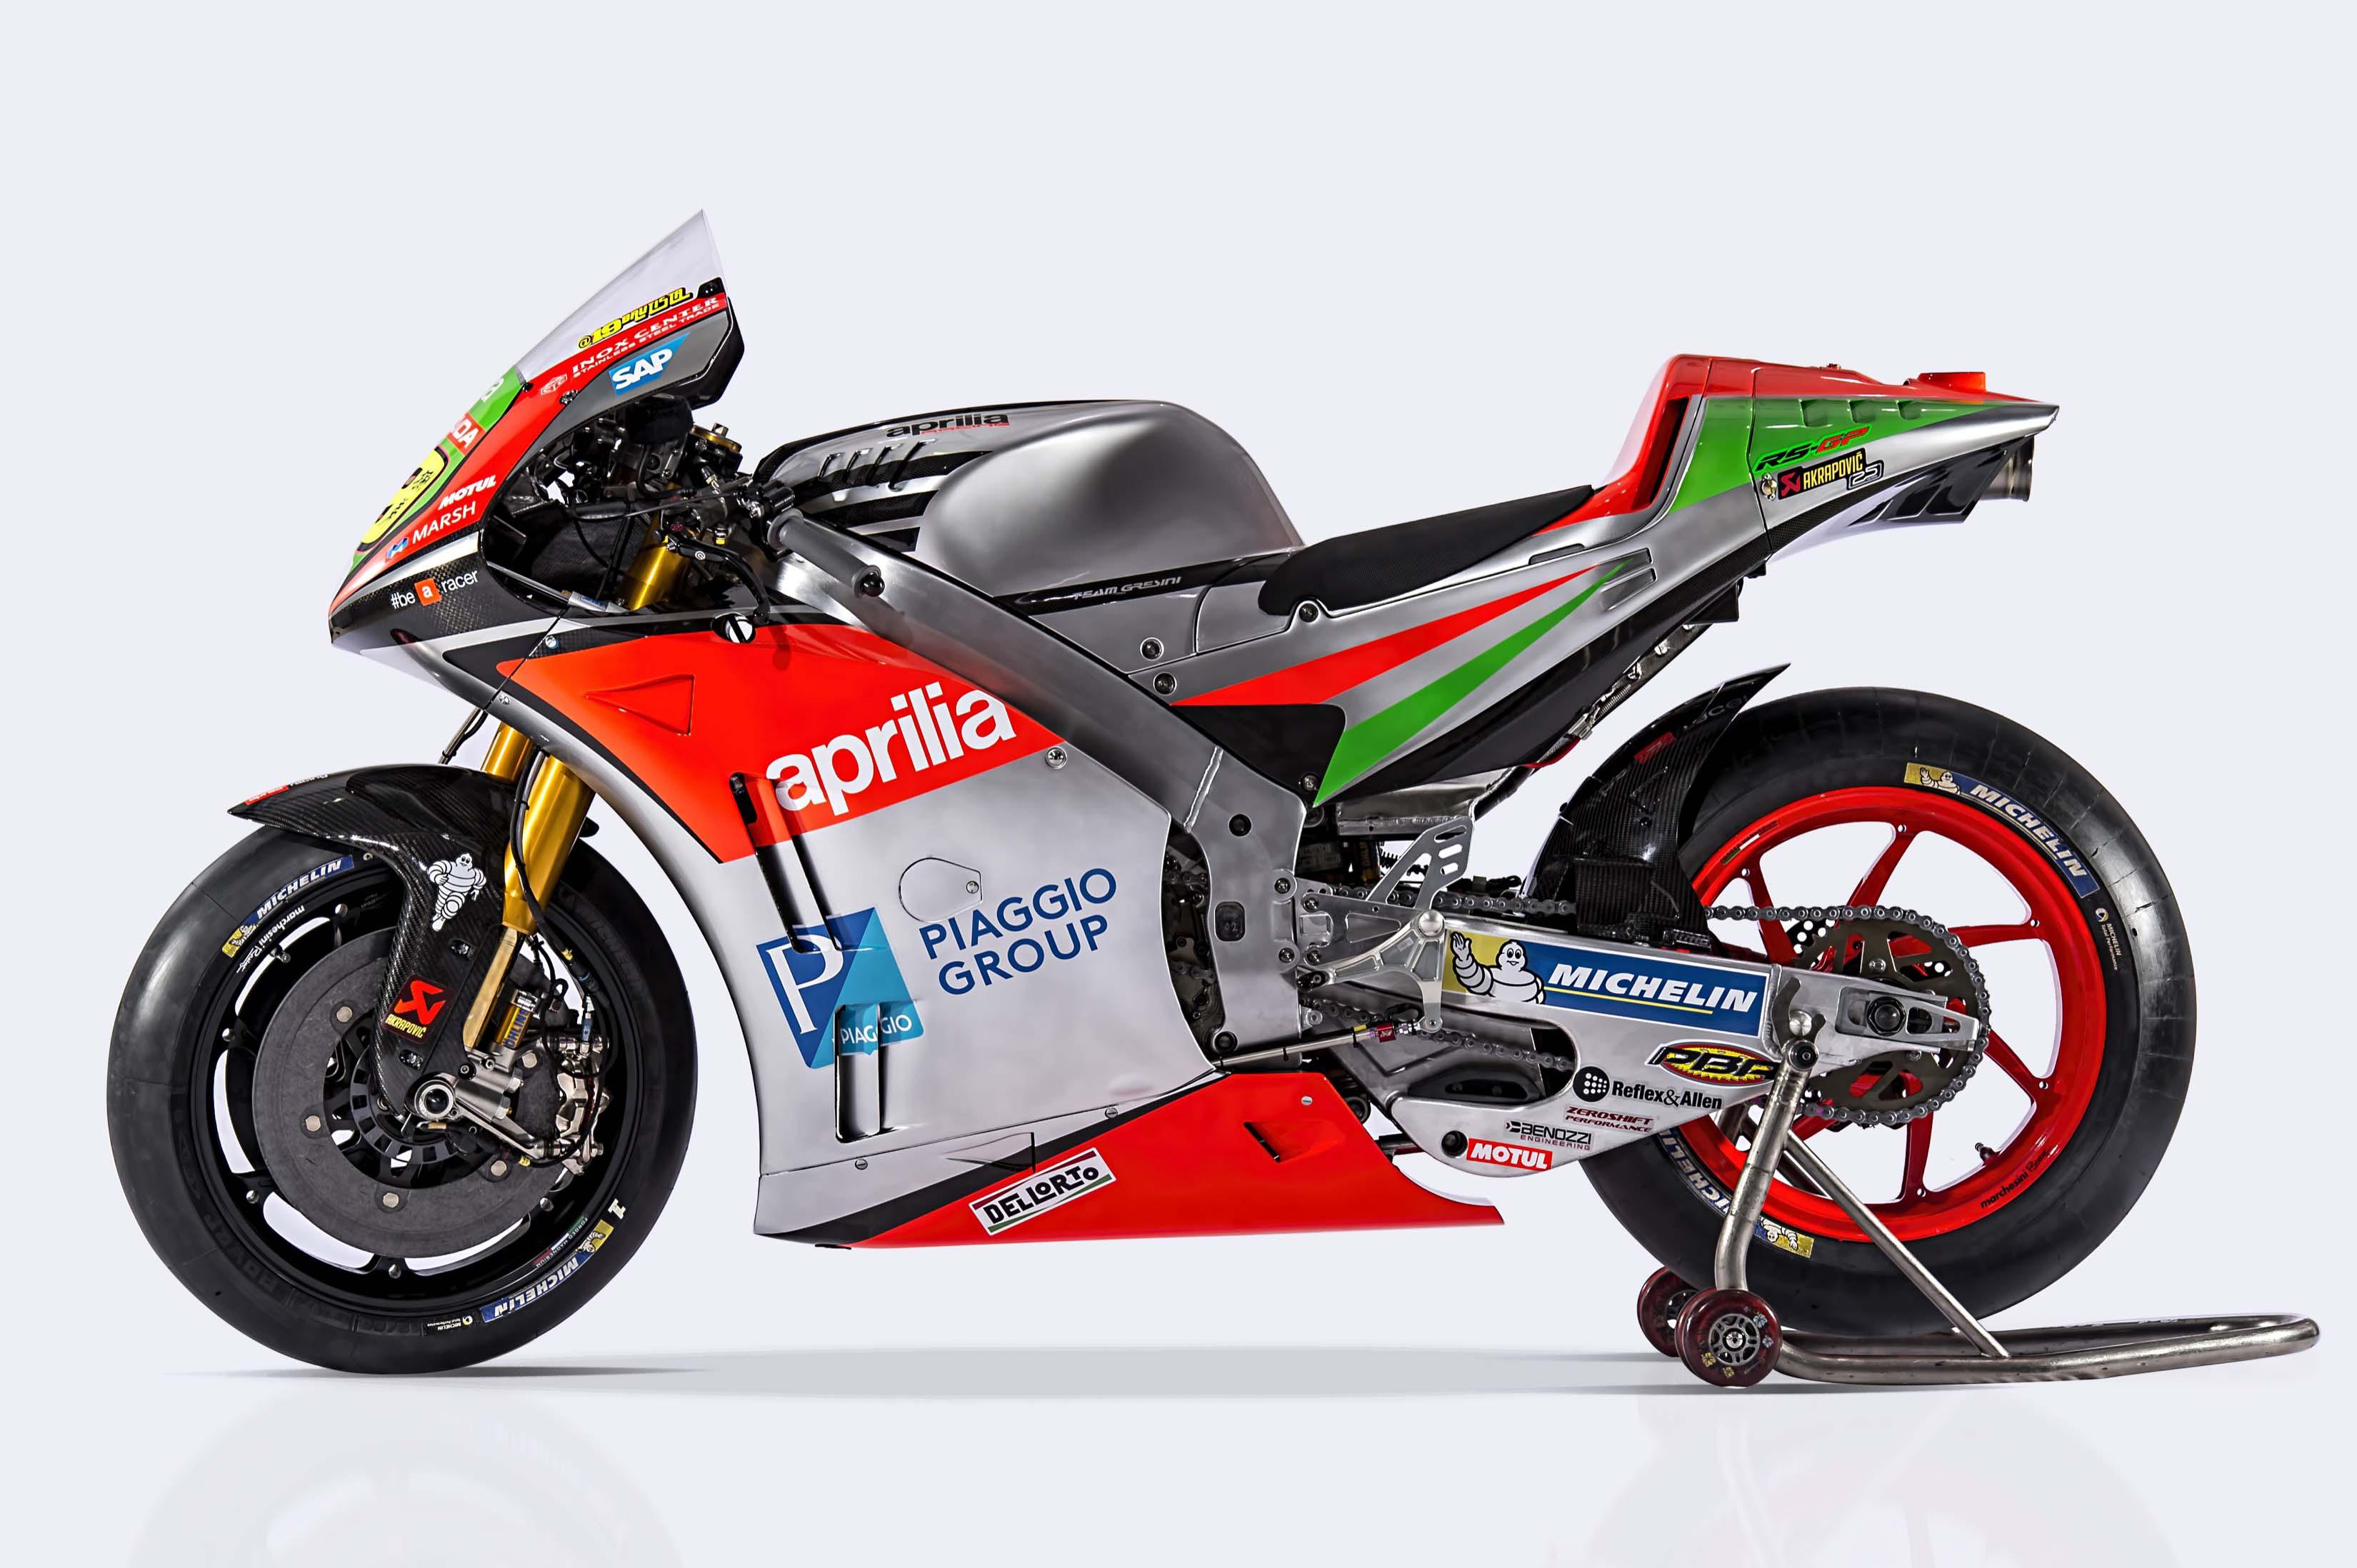 MotoGP: Aprilia Unveals the RS-GP Bike Livery for 2017